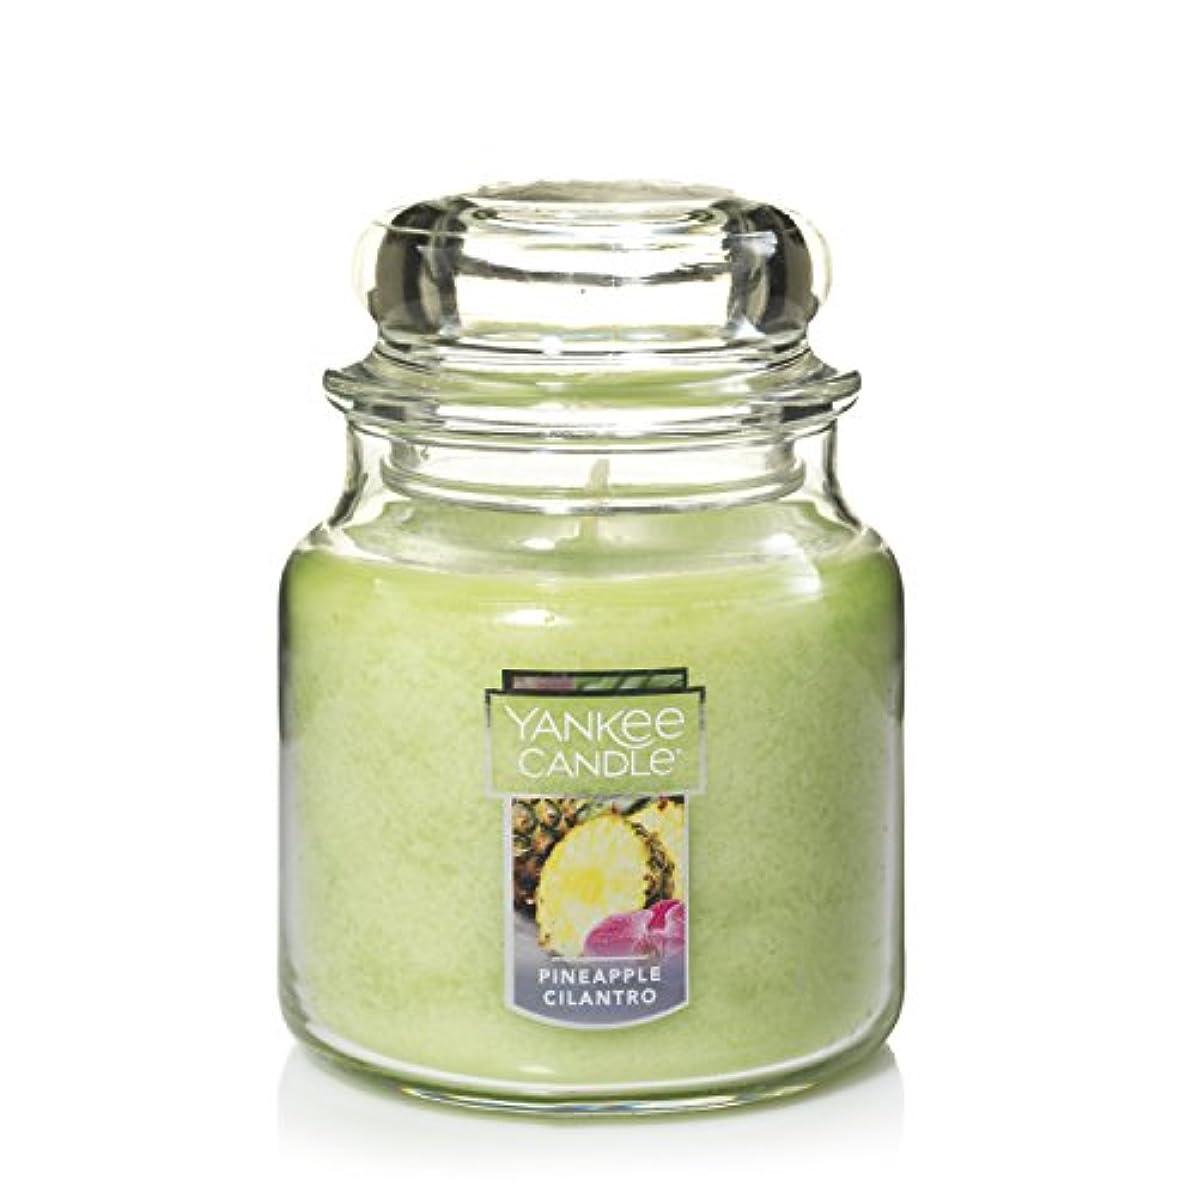 終わり相互部屋を掃除するYankee Candle ビンキャンドル パイナップル シラントロ Medium Jar Candle 1174262Z